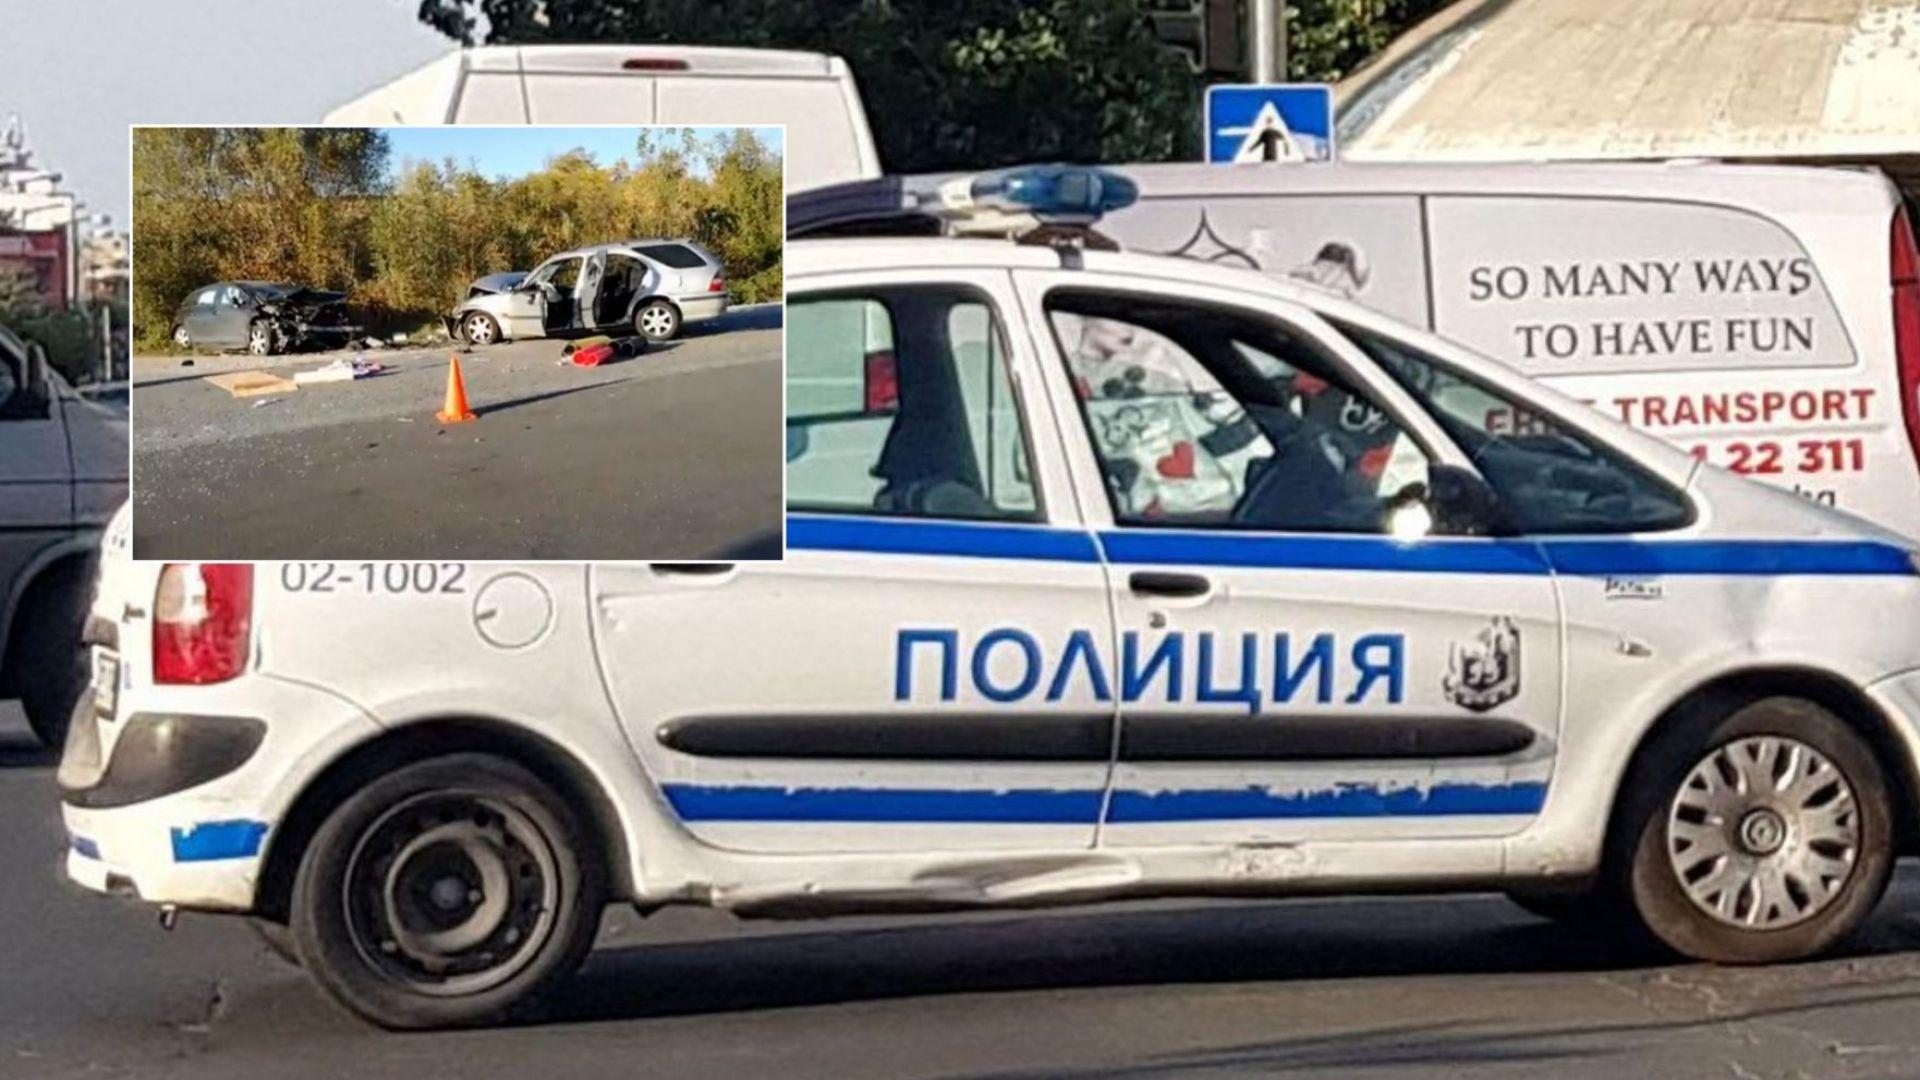 Търси се кръв за ранените в катастрофата край Велико Търново, сред тях има и бременна жена